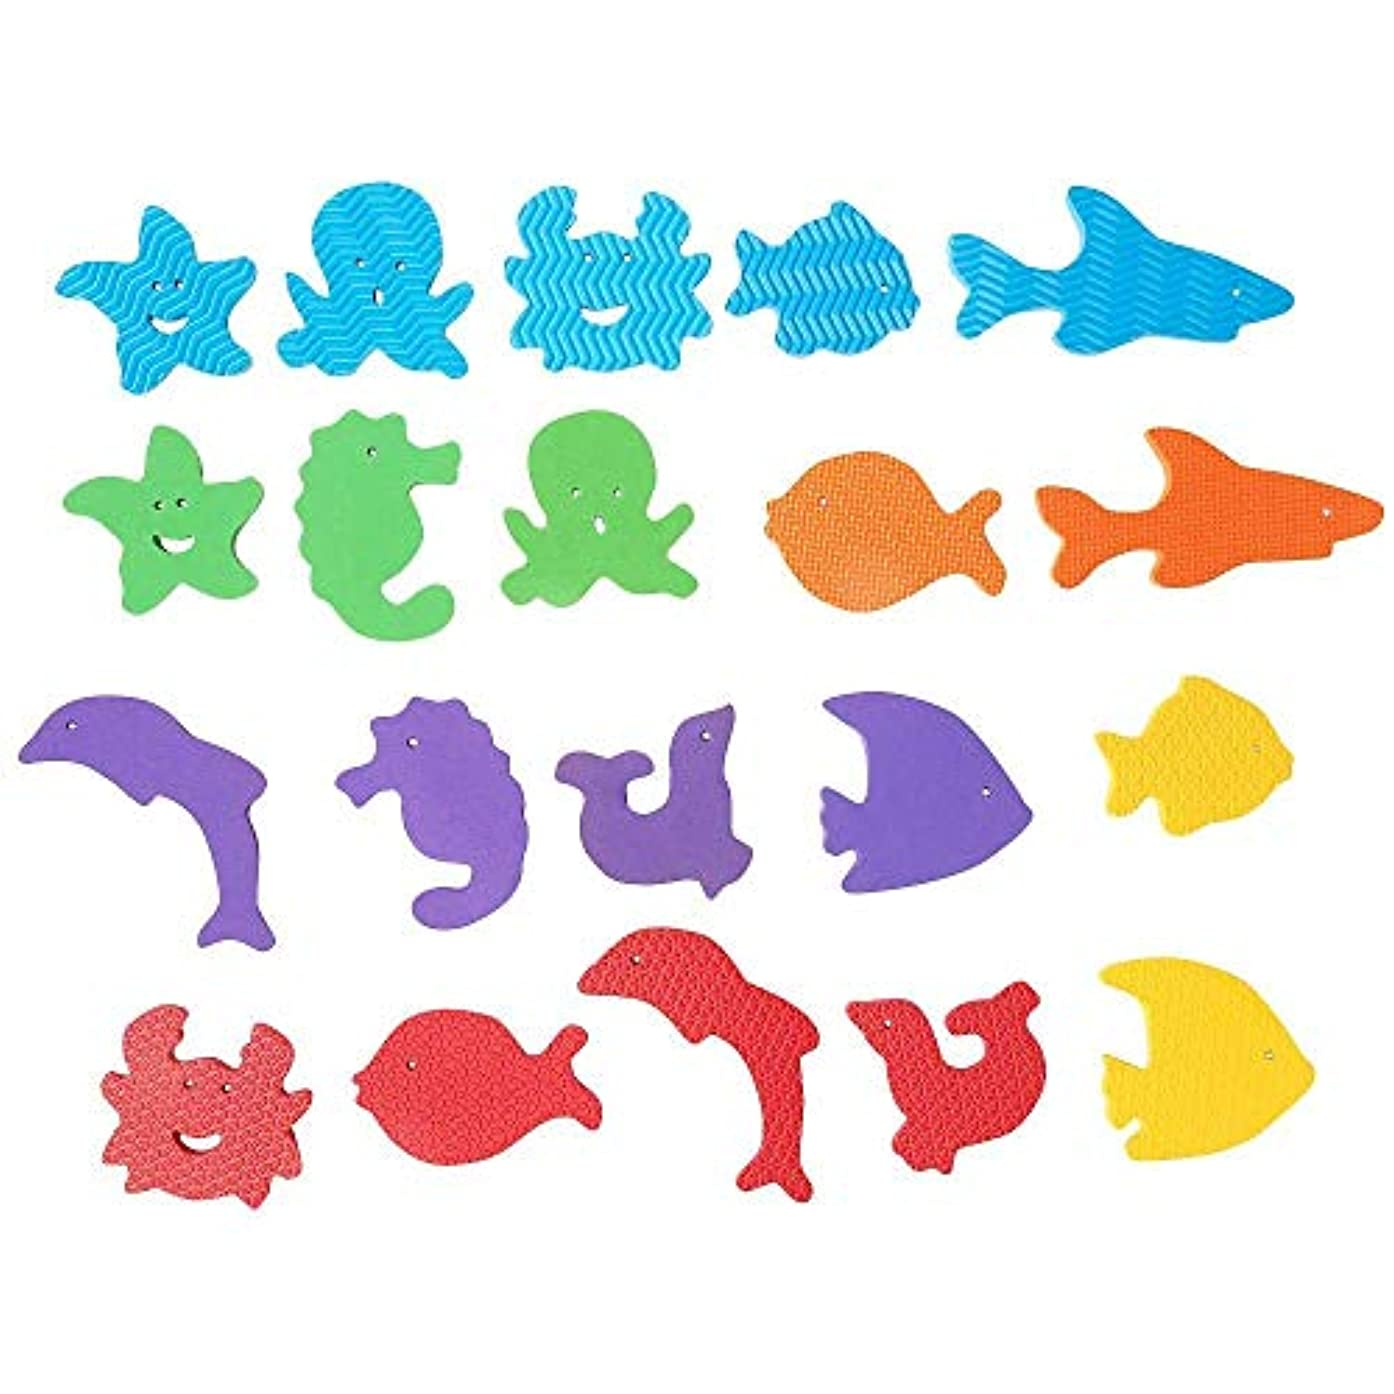 収入売り手銀Babies R Us Foam Sea Animal Bath Set - 20 Pieces by Babies R Us [並行輸入品]